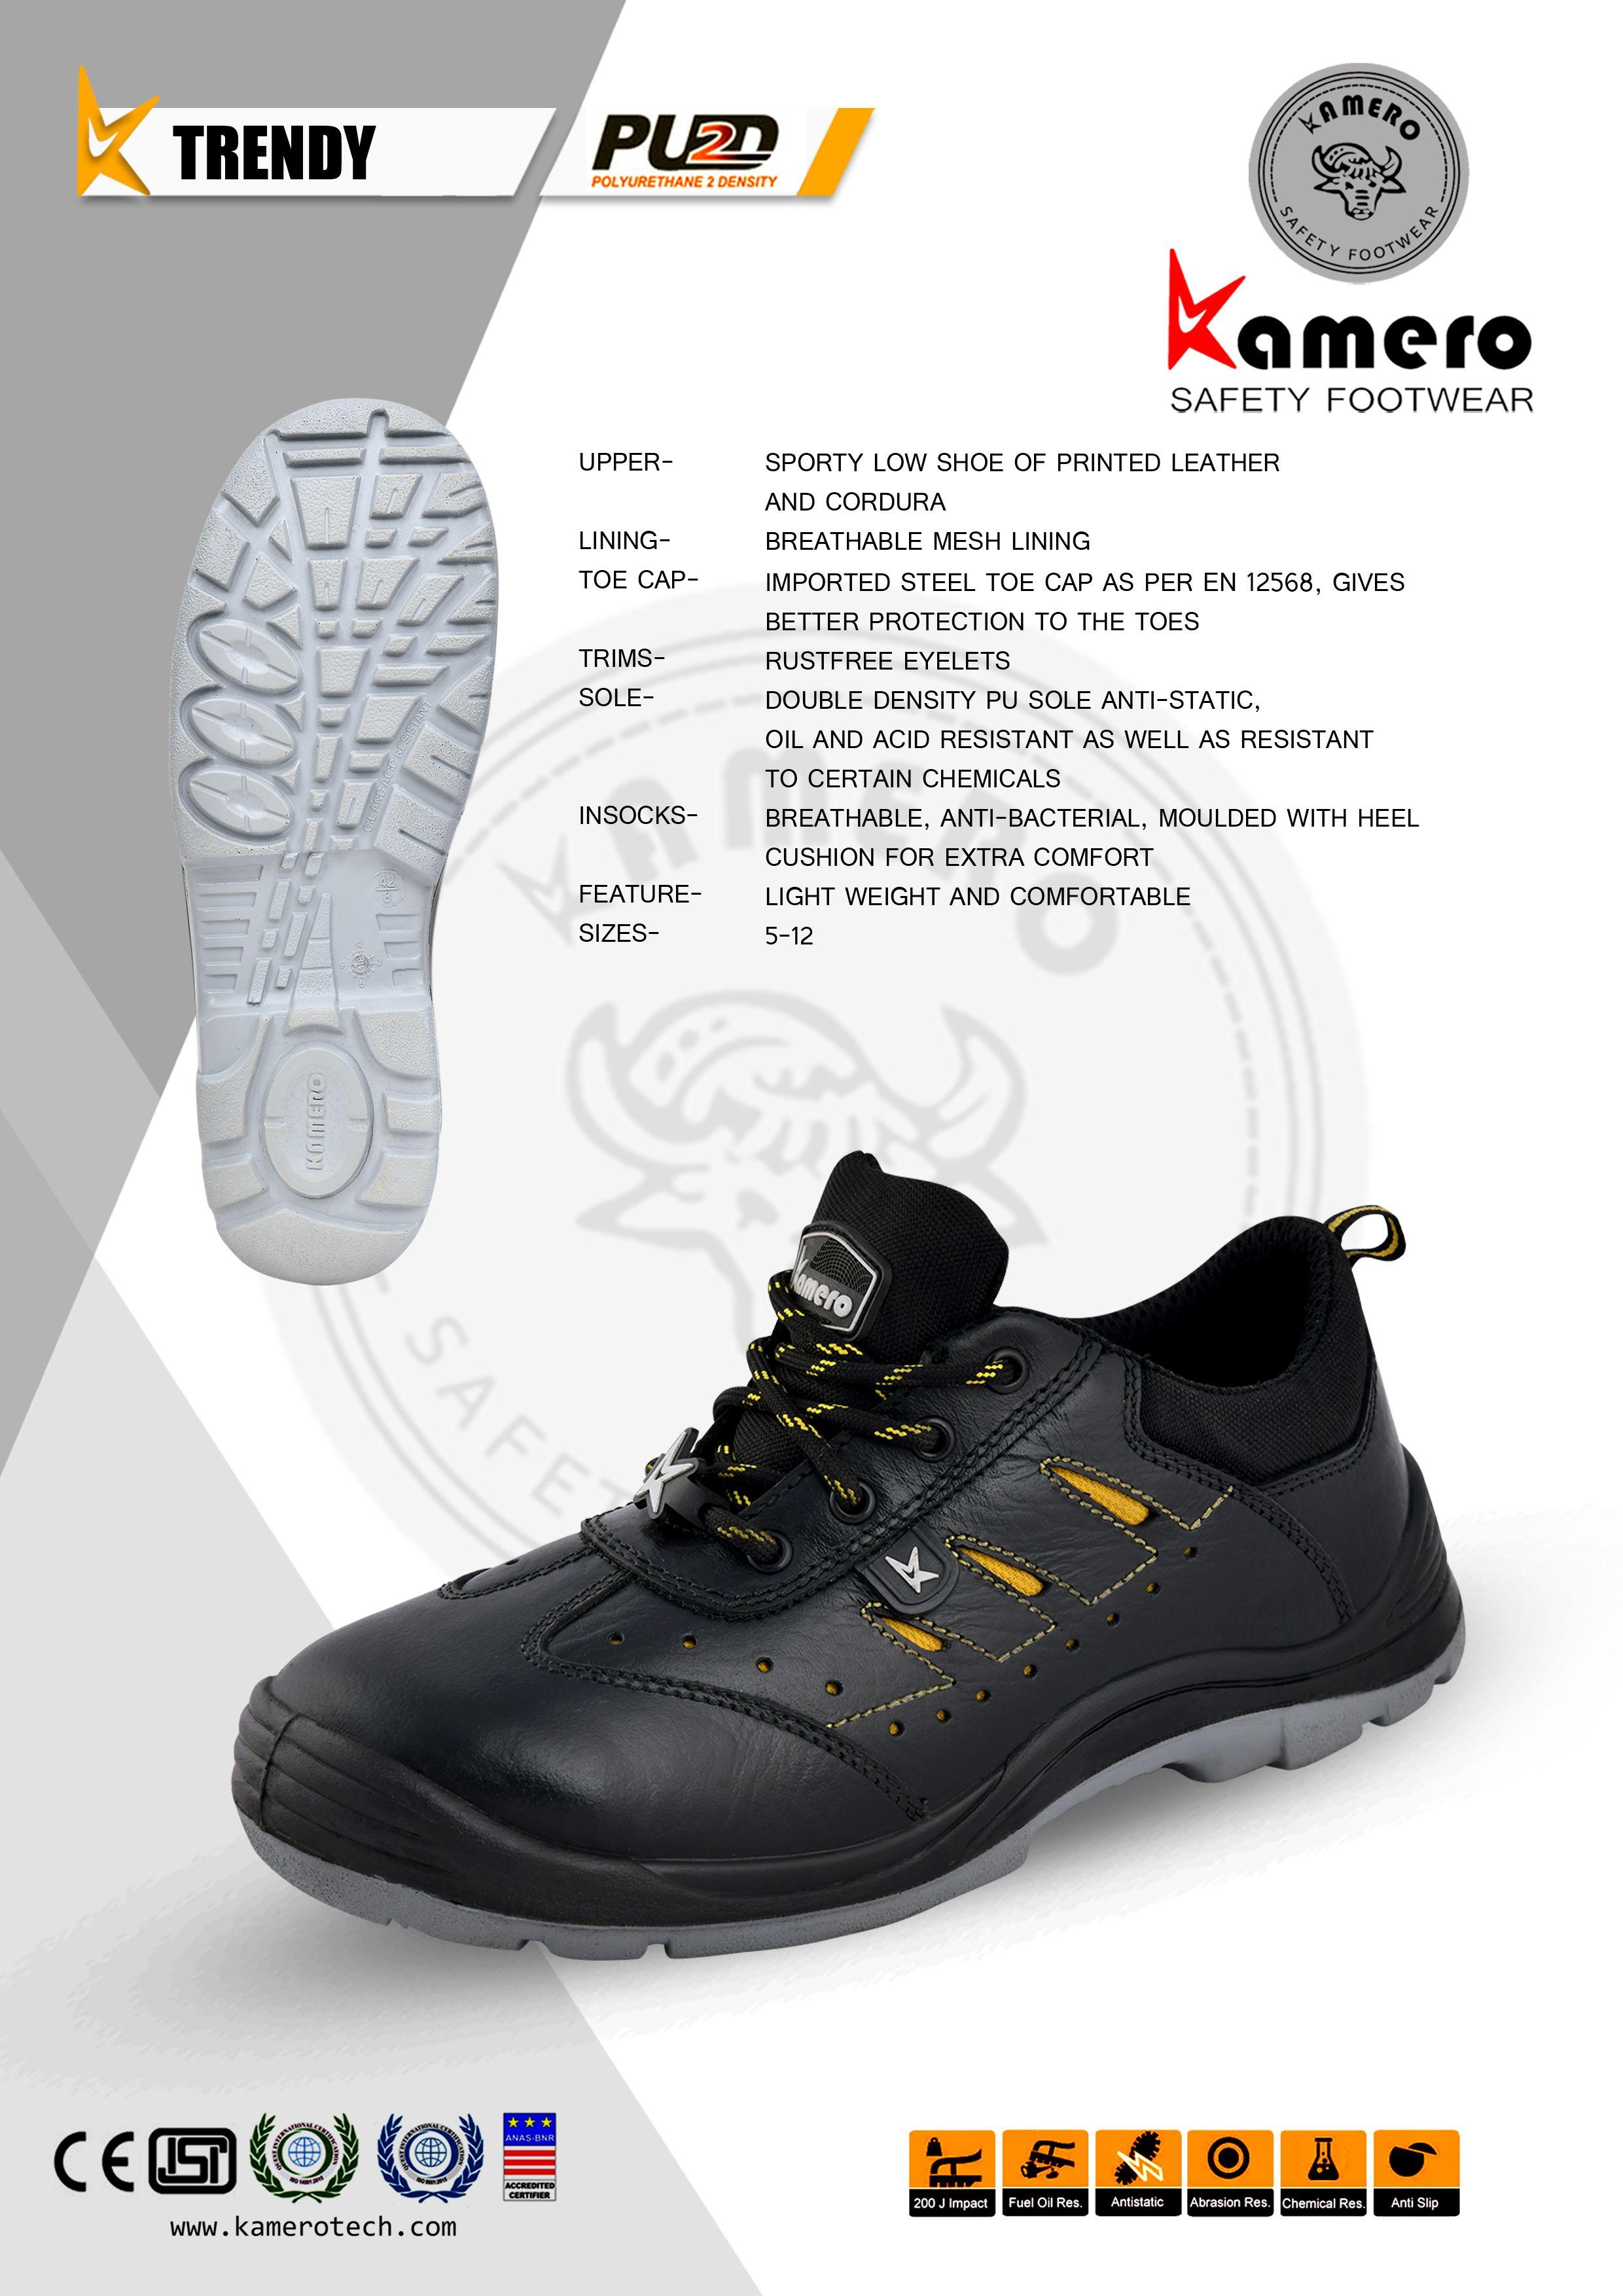 Pin by Kamero Technosys Ltd. on Safety Shoe Safety shoes